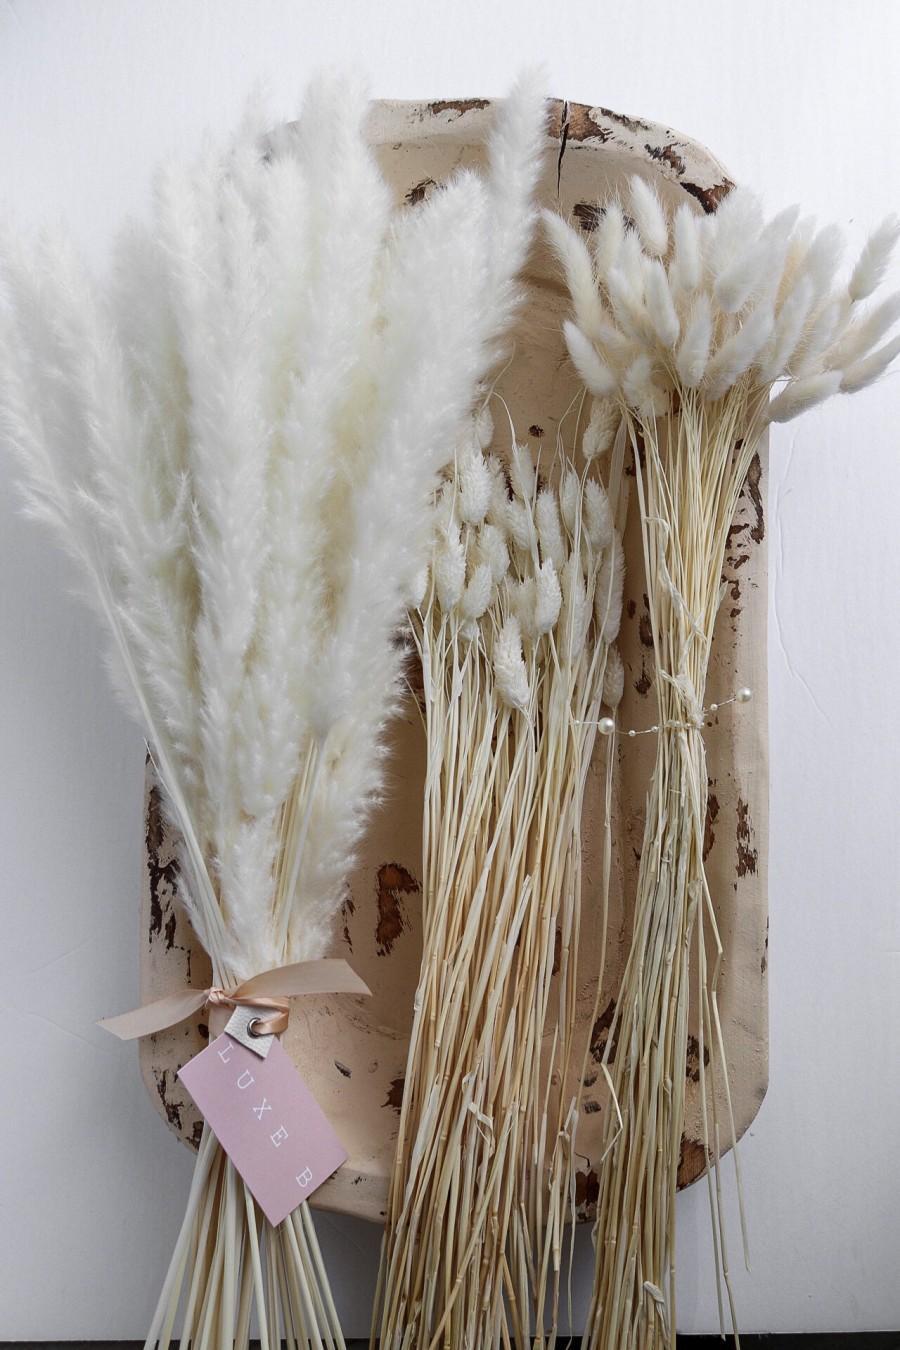 Hochzeit - Dried bleach White Flower Bunnytails Pampas Bundle Promo